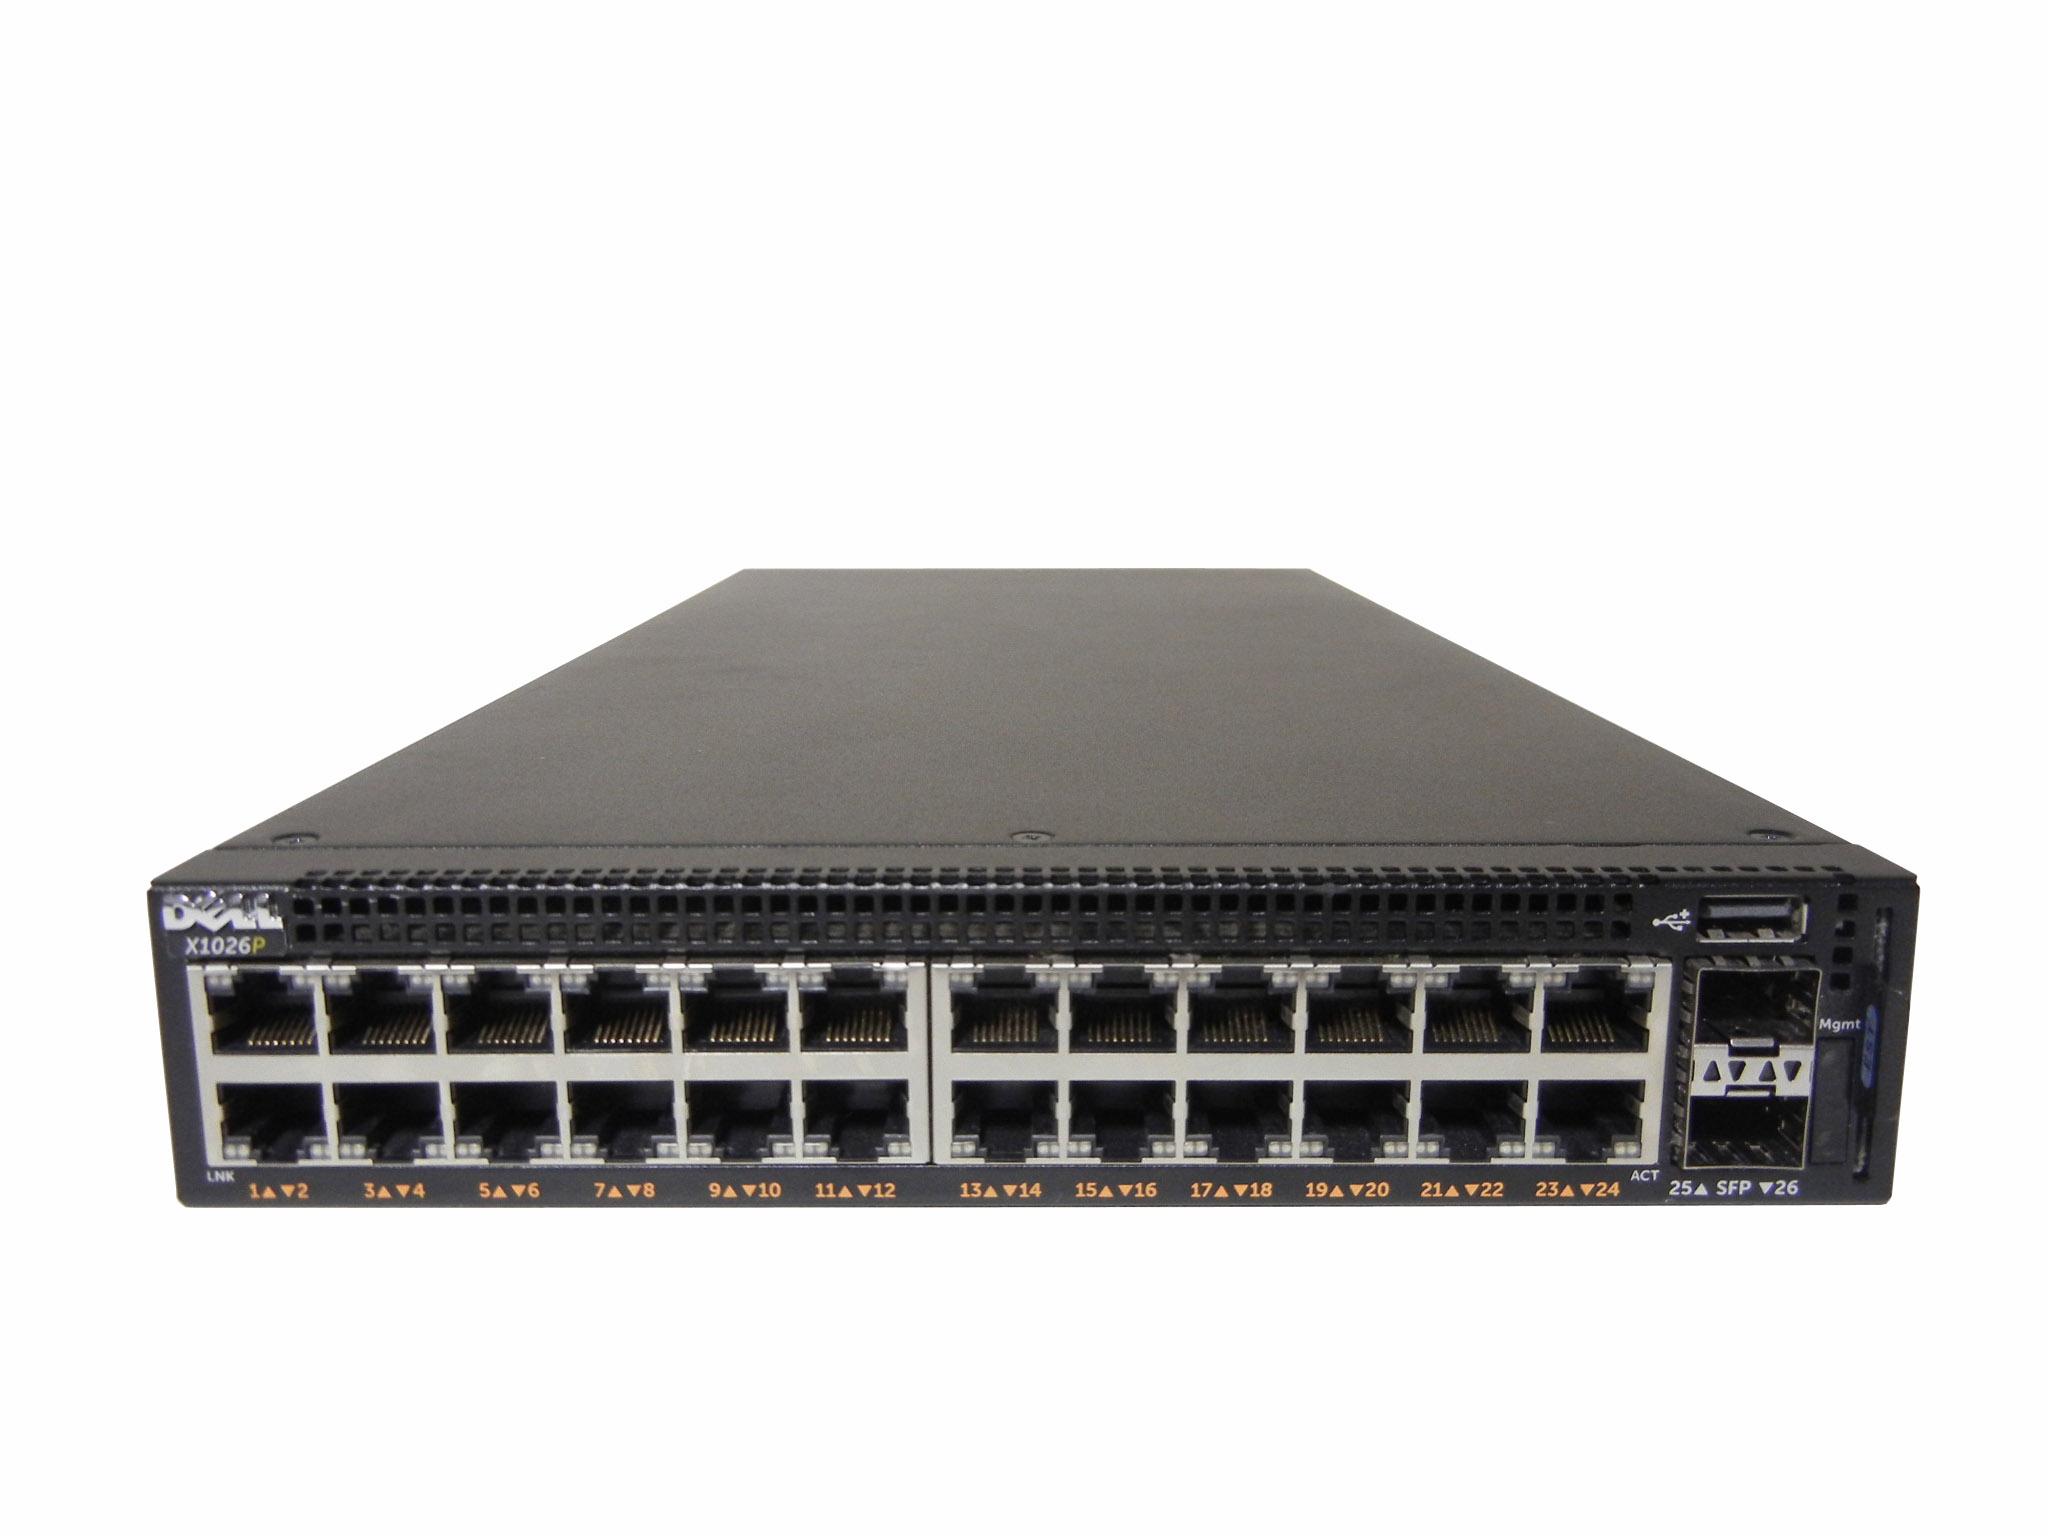 【中古】Dell Networking X1026P Xシリーズ・スマート・マネージド・スイッチ